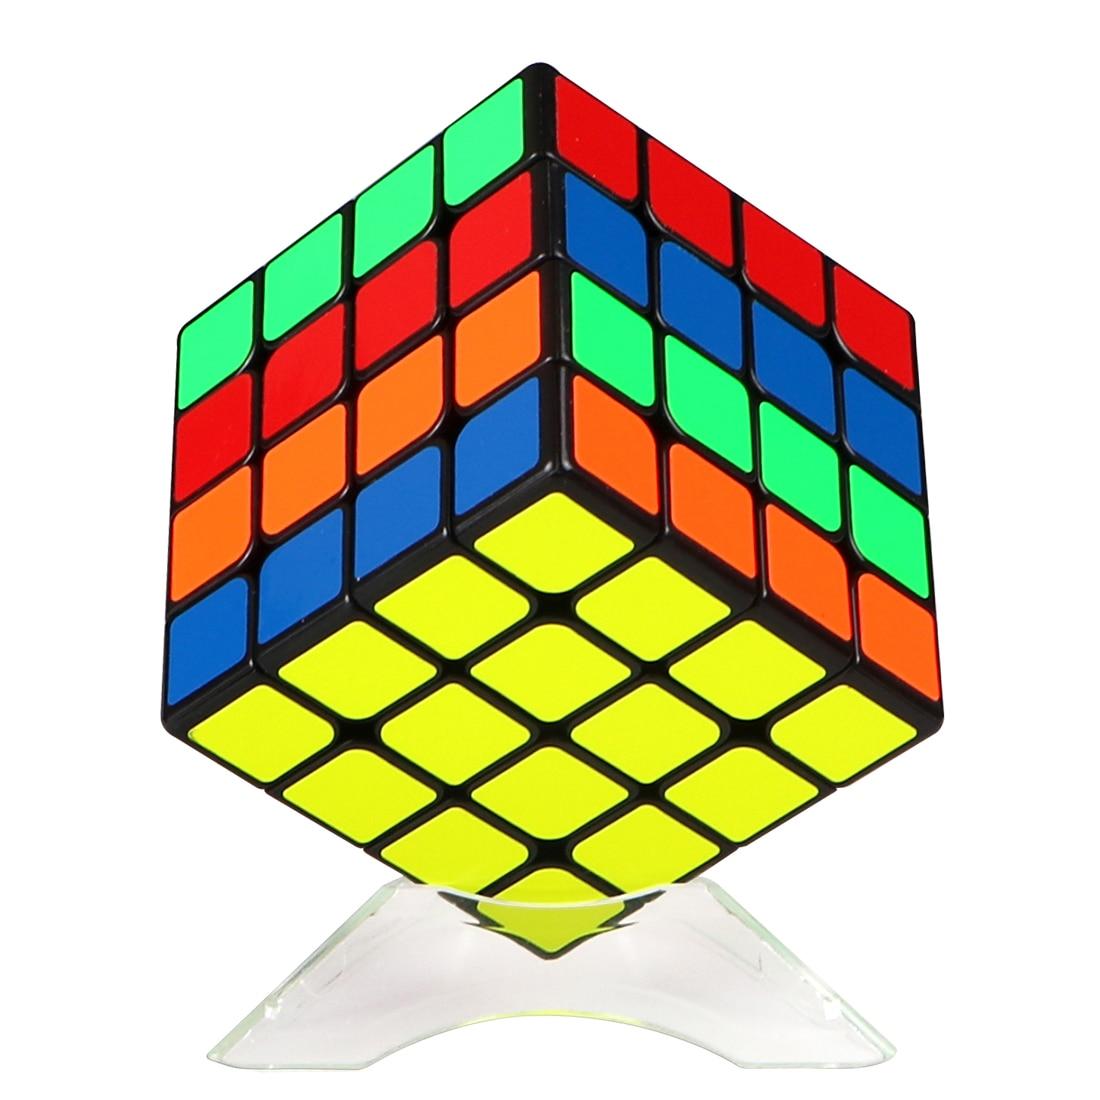 Surwish Qiyi Mofangge Wuque Mini Type magnétique 4x4 Cube magique jouets éducatifs pour l'entraînement du cerveau